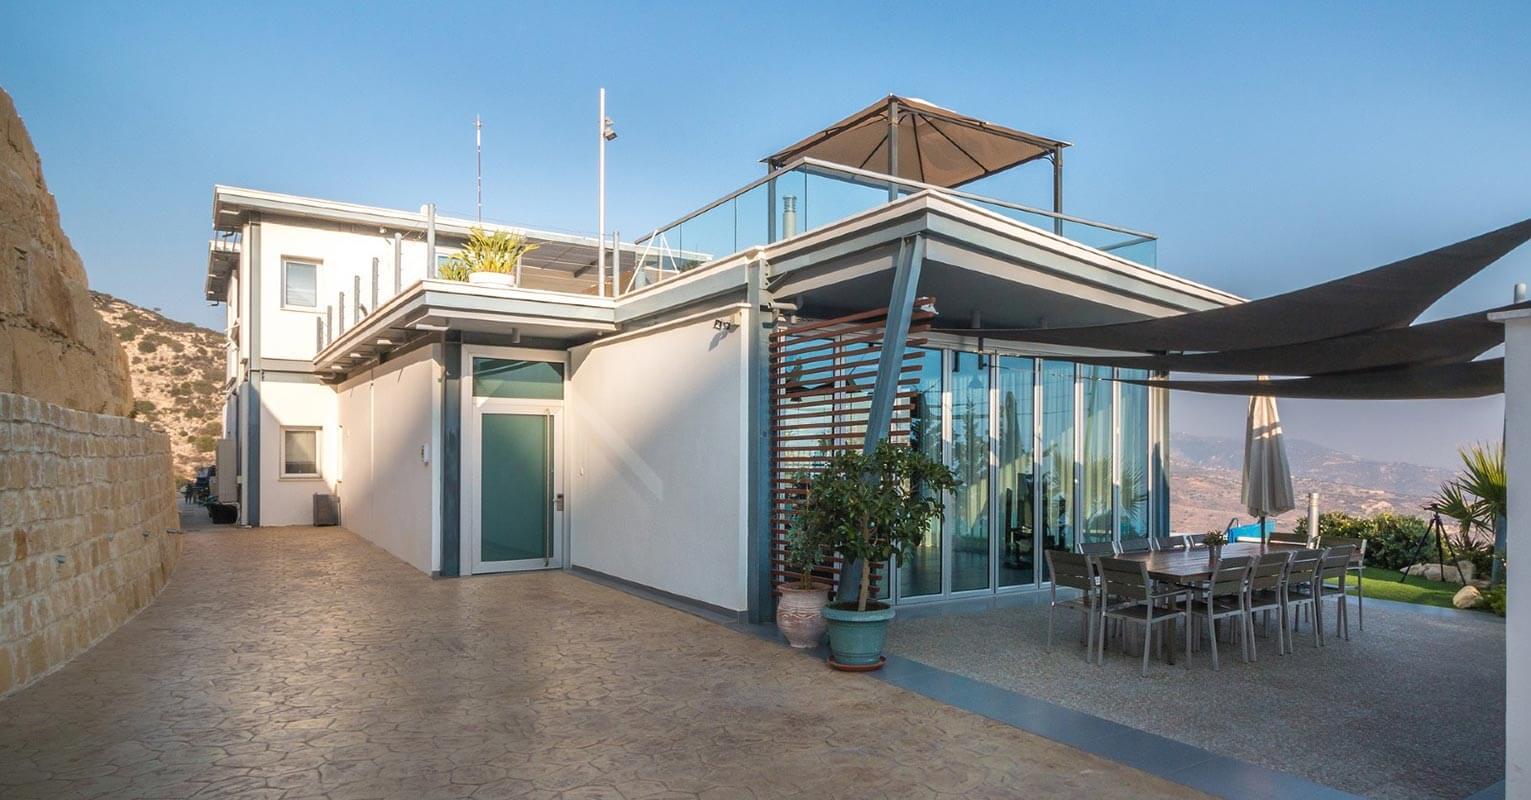 Uređenje doma u mediteranskom stilu